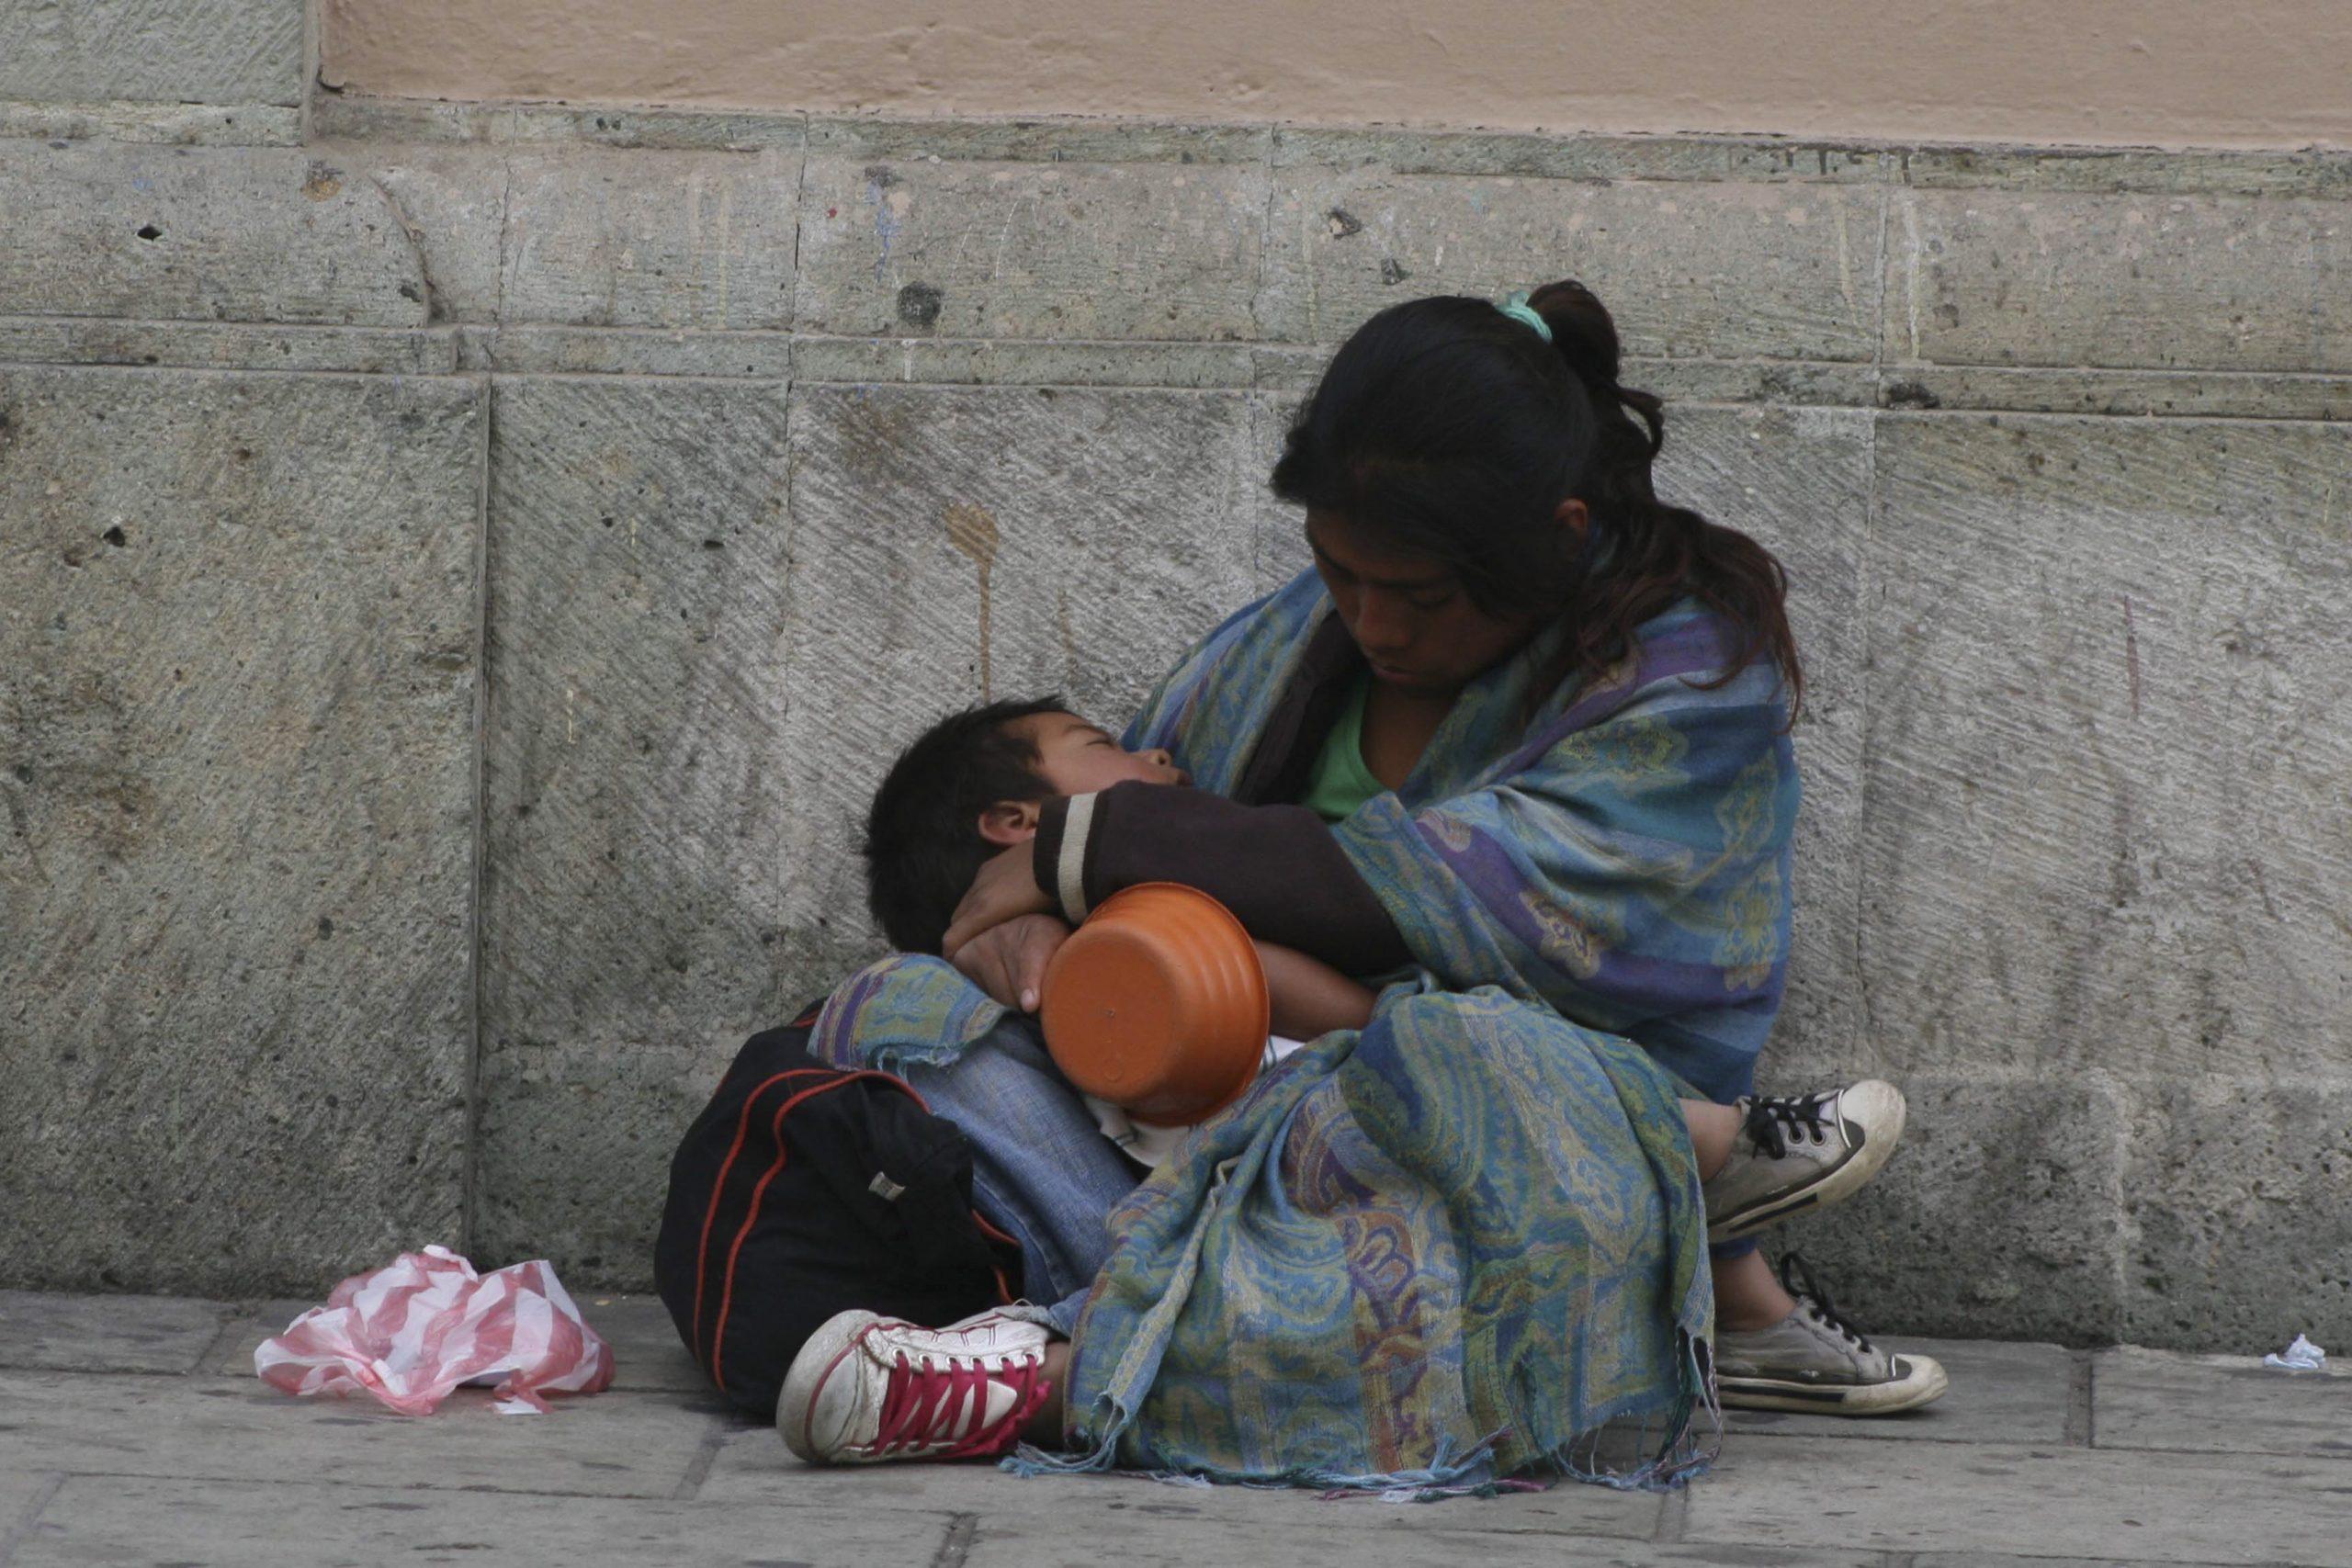 México llegará al 49.5% de población en pobreza para el 2020 : Cepal